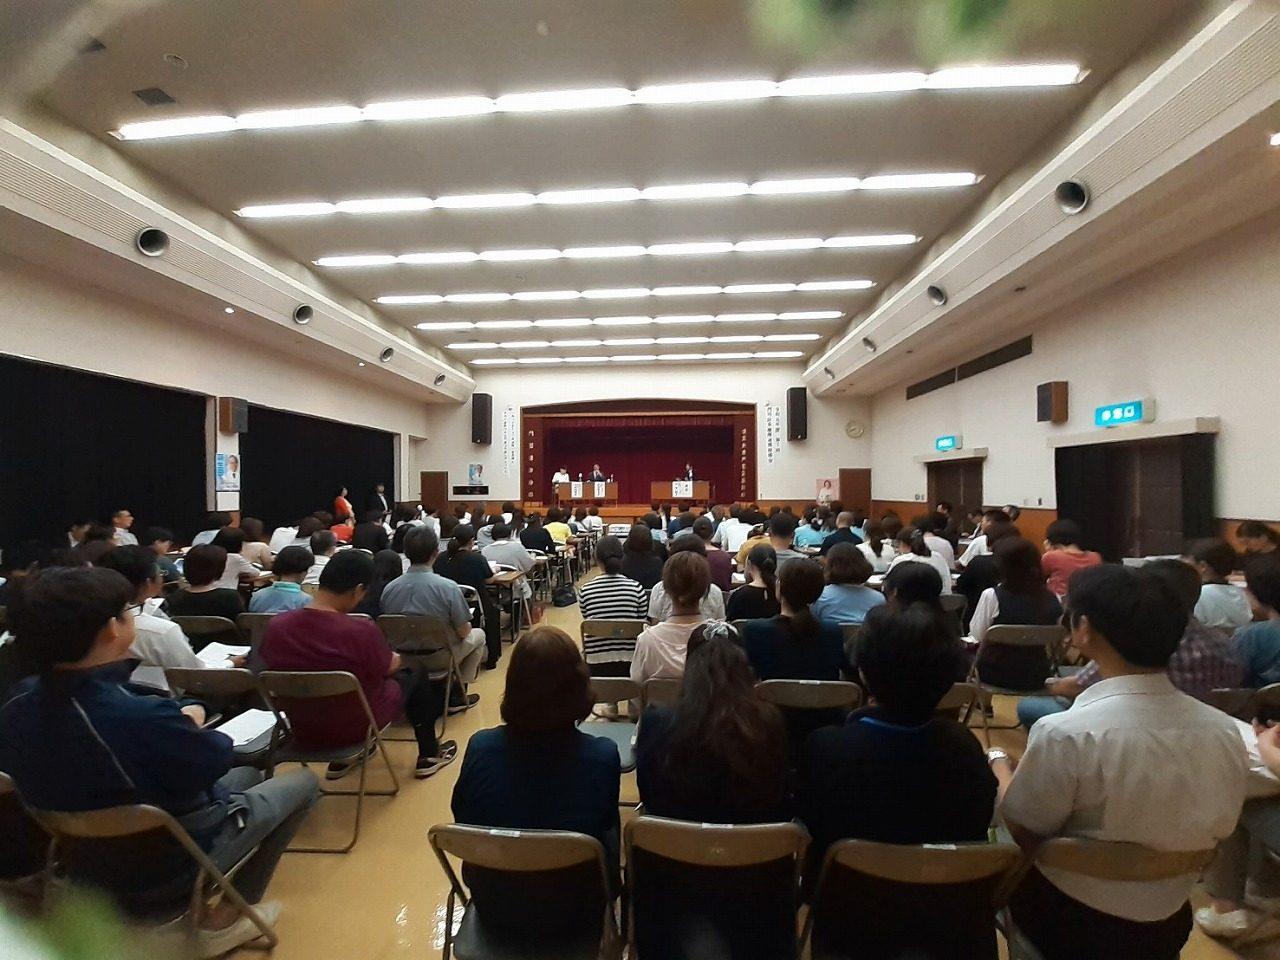 【門司】第1回多職種連携研修会を開催いたしました